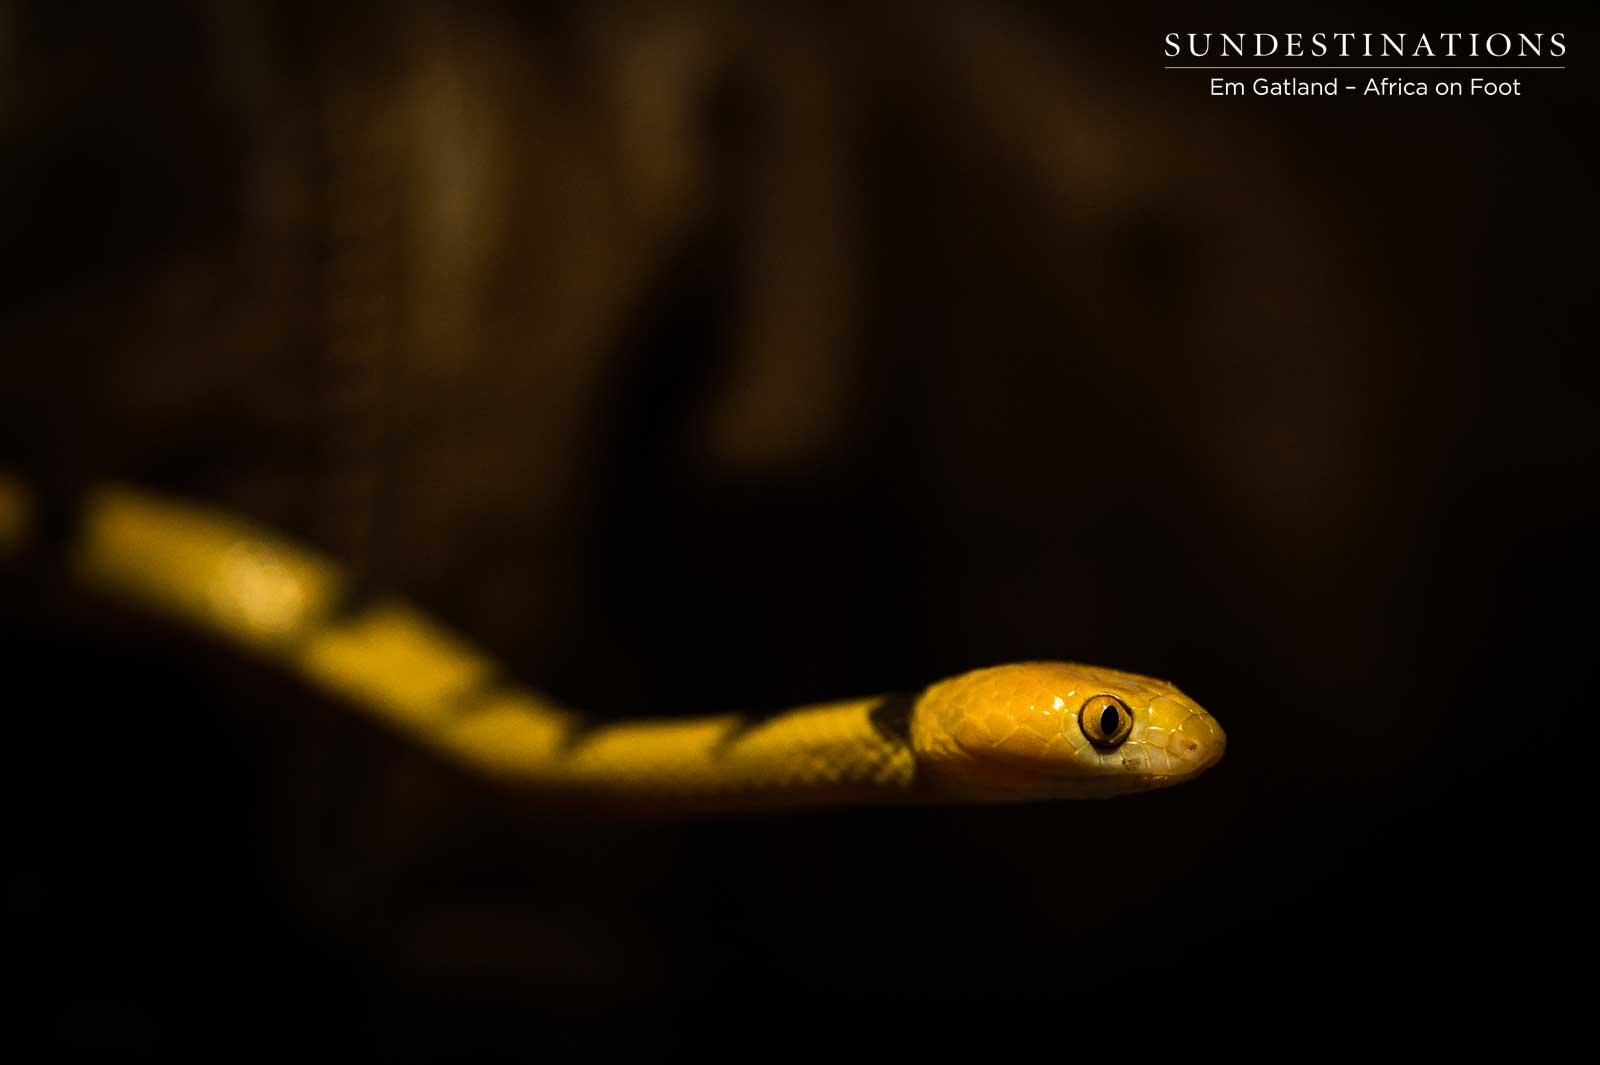 Unusual Sightings in Klaserie : The Eye of the Tiger Snake